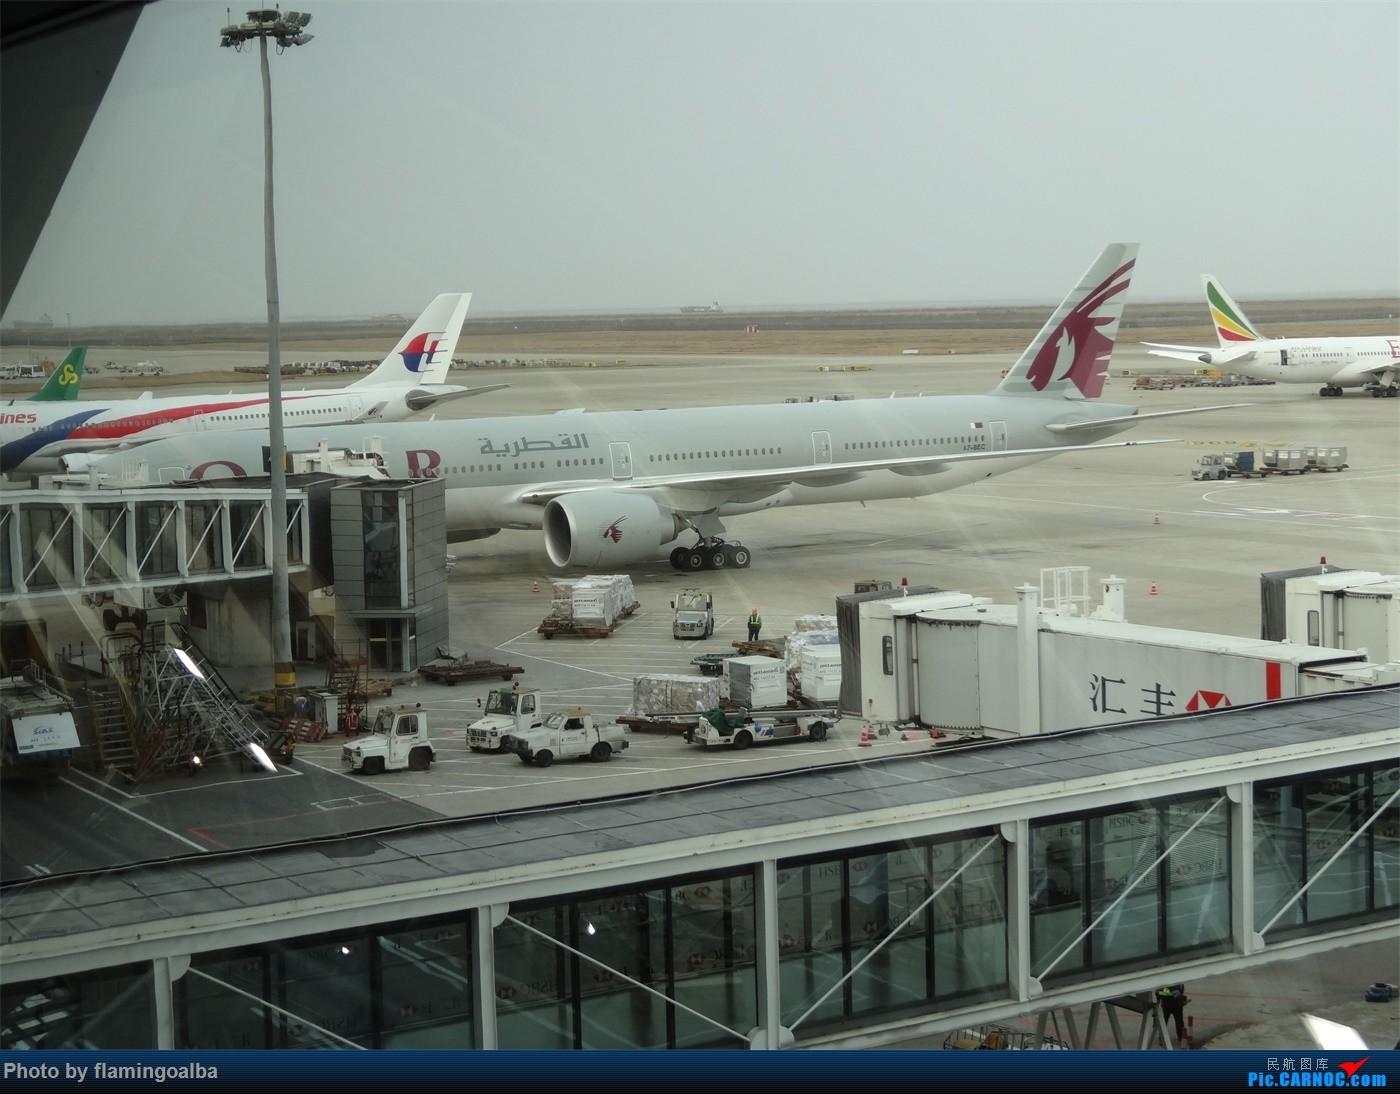 Re:[原创]浦东-达拉斯-纽瓦克-华盛顿里根-拉斯维加斯-洛杉矶-达拉斯-浦东 B777-300ER A7-BEC 中国上海浦东国际机场